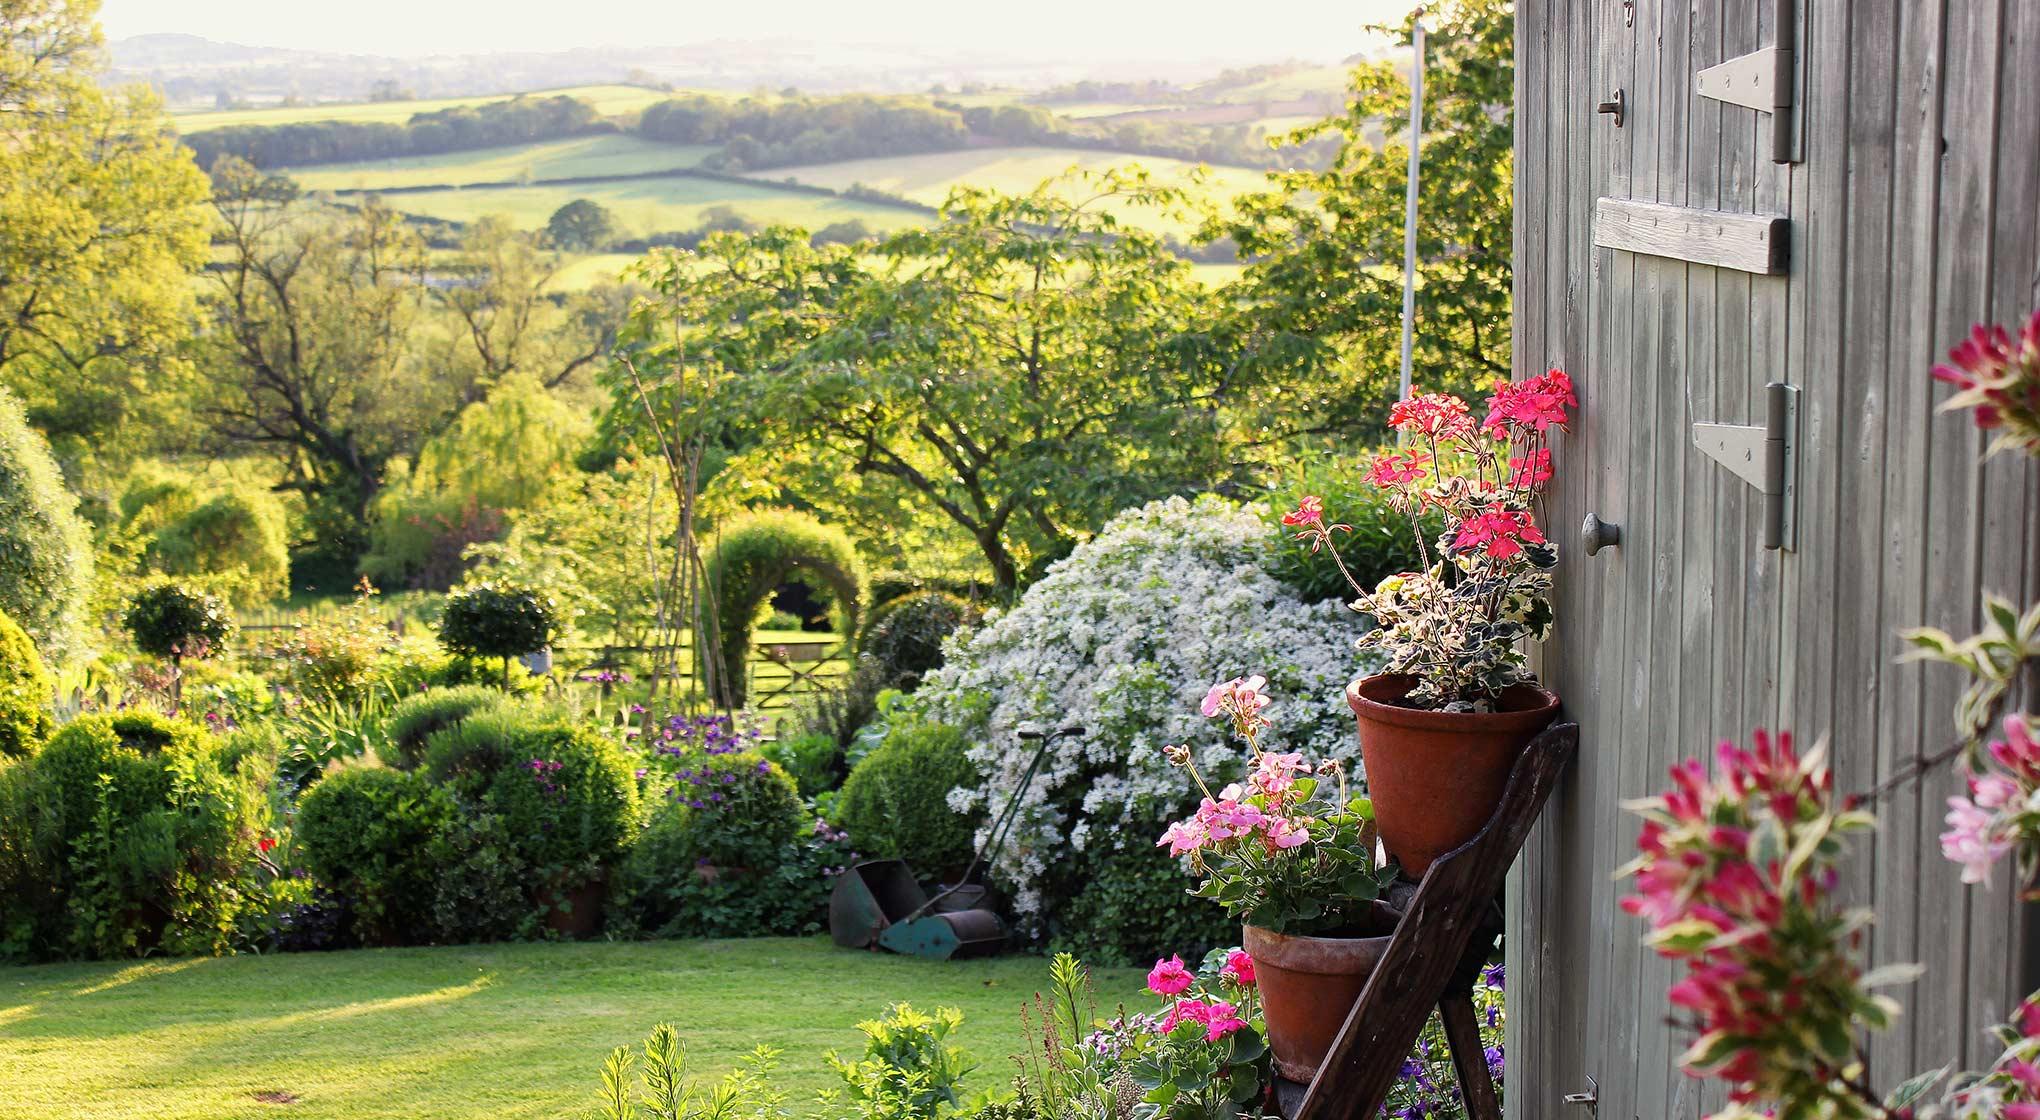 Exterior-Garden and valley.jpg